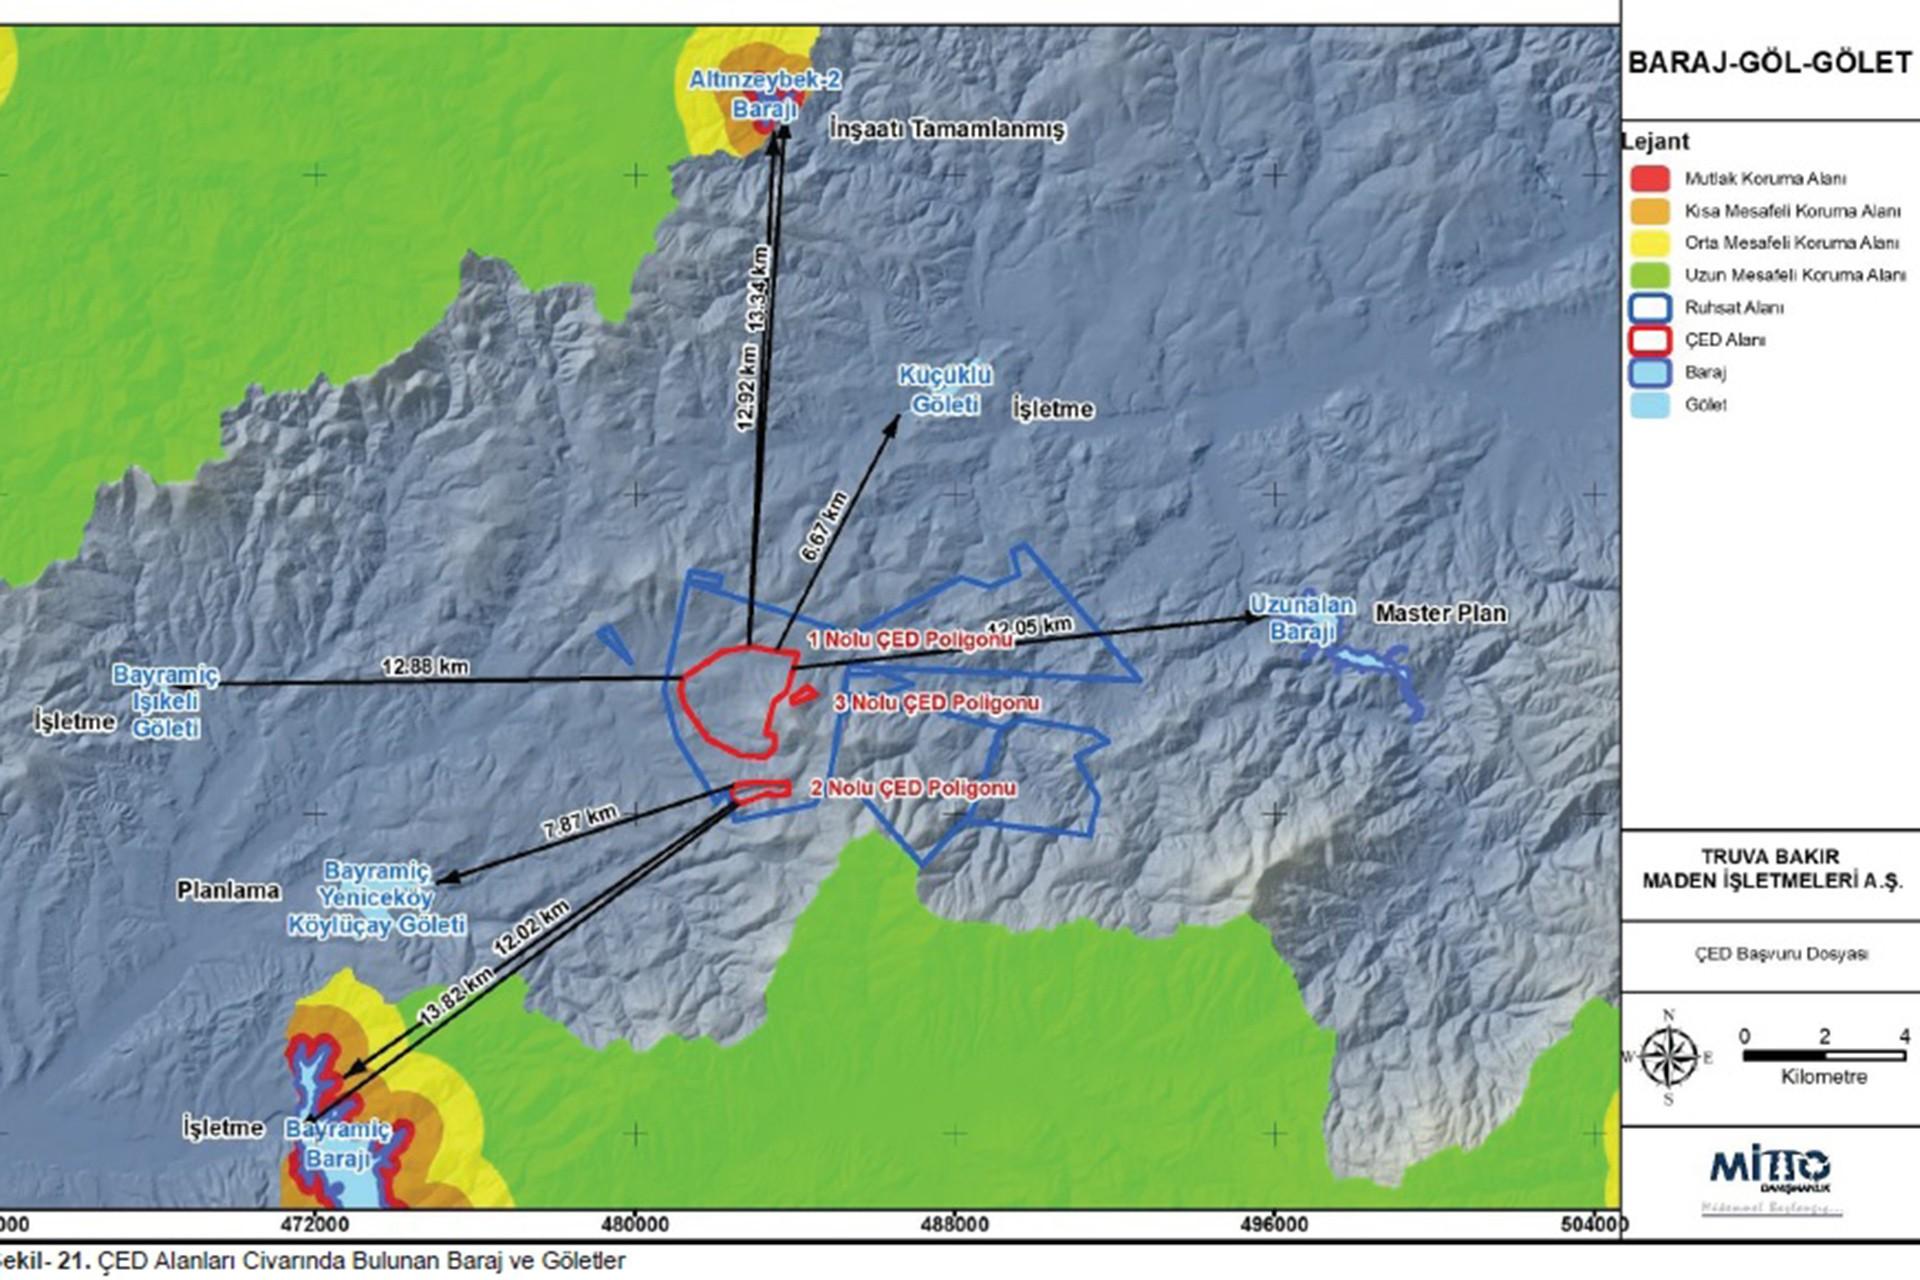 Maden bölgesini gösteren harita